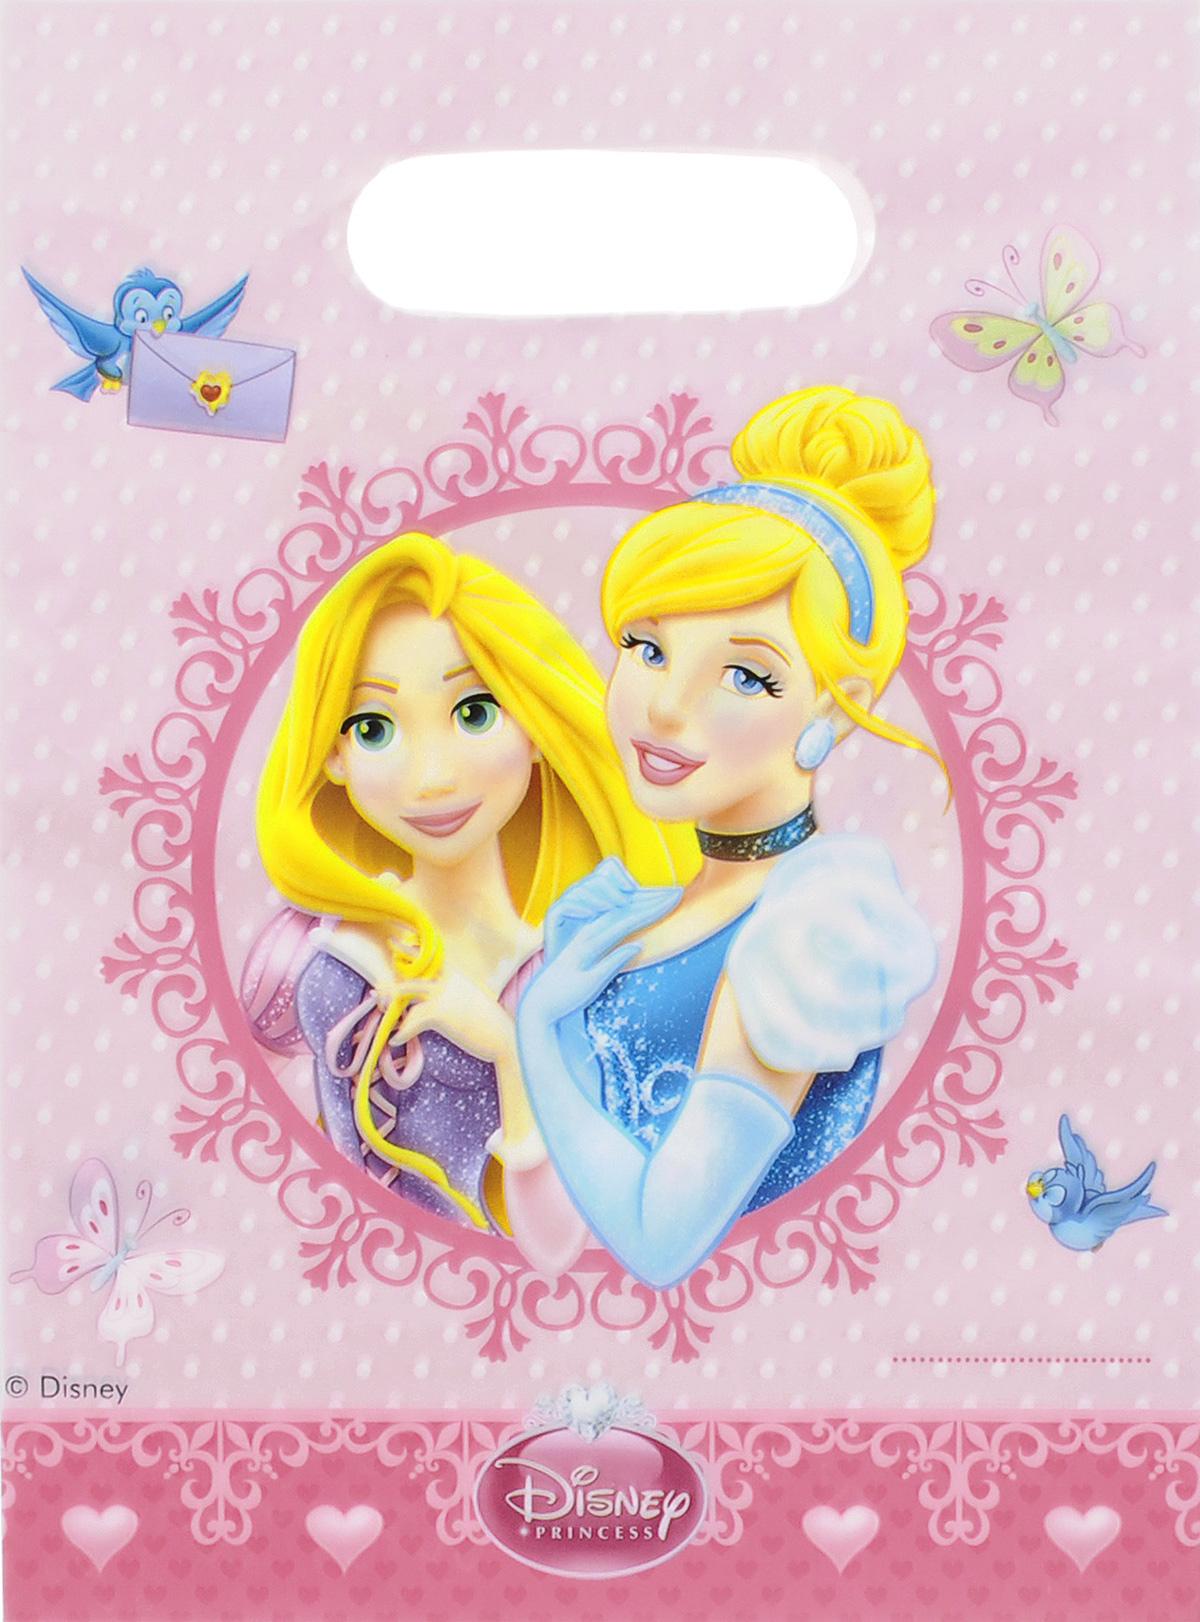 Procos Подарочный пакет Принцессы Сказочный мир 6 шт, Procos S.A.